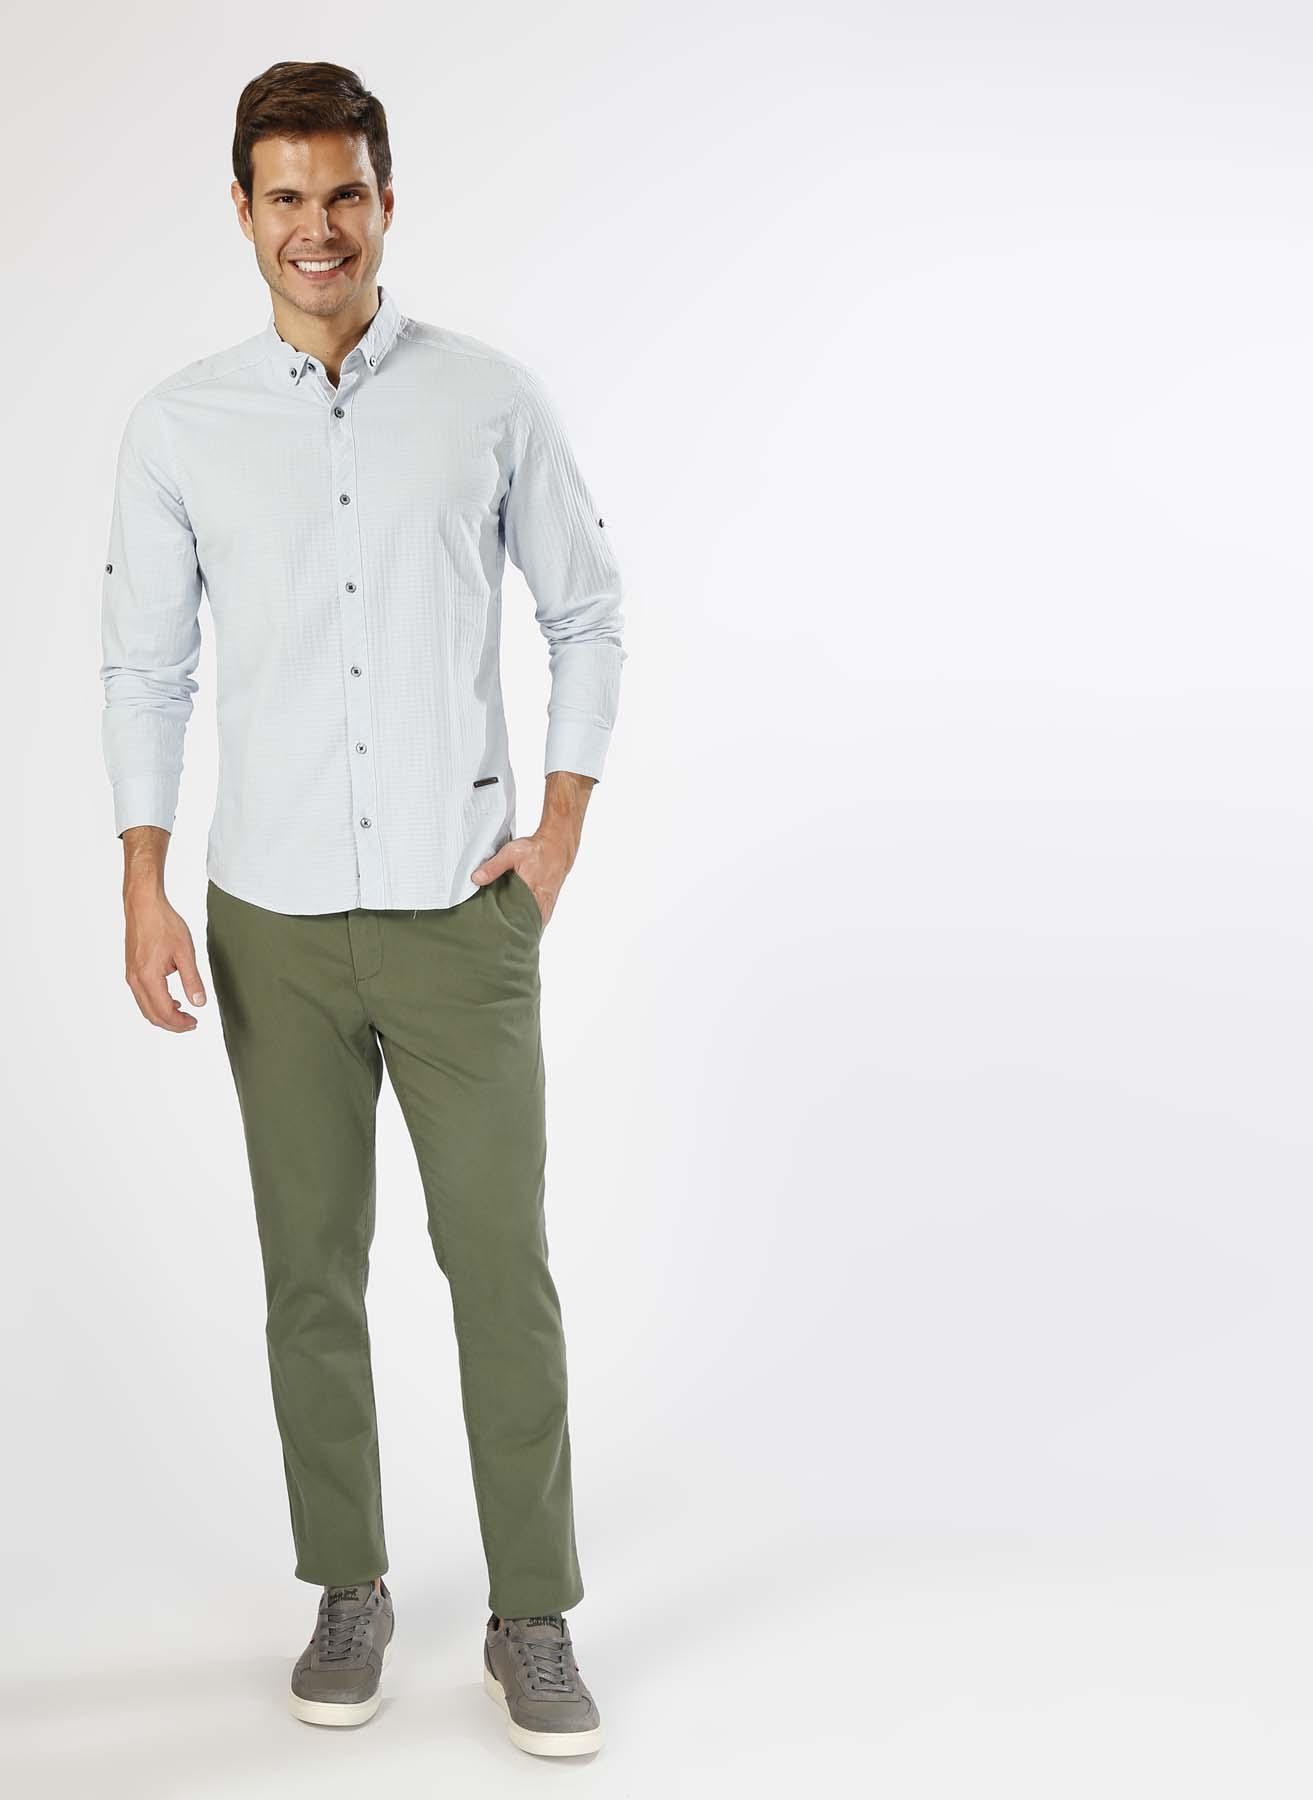 Loft Casual Yeşil Klasik Pantolon 33-32 5000201923010 Ürün Resmi